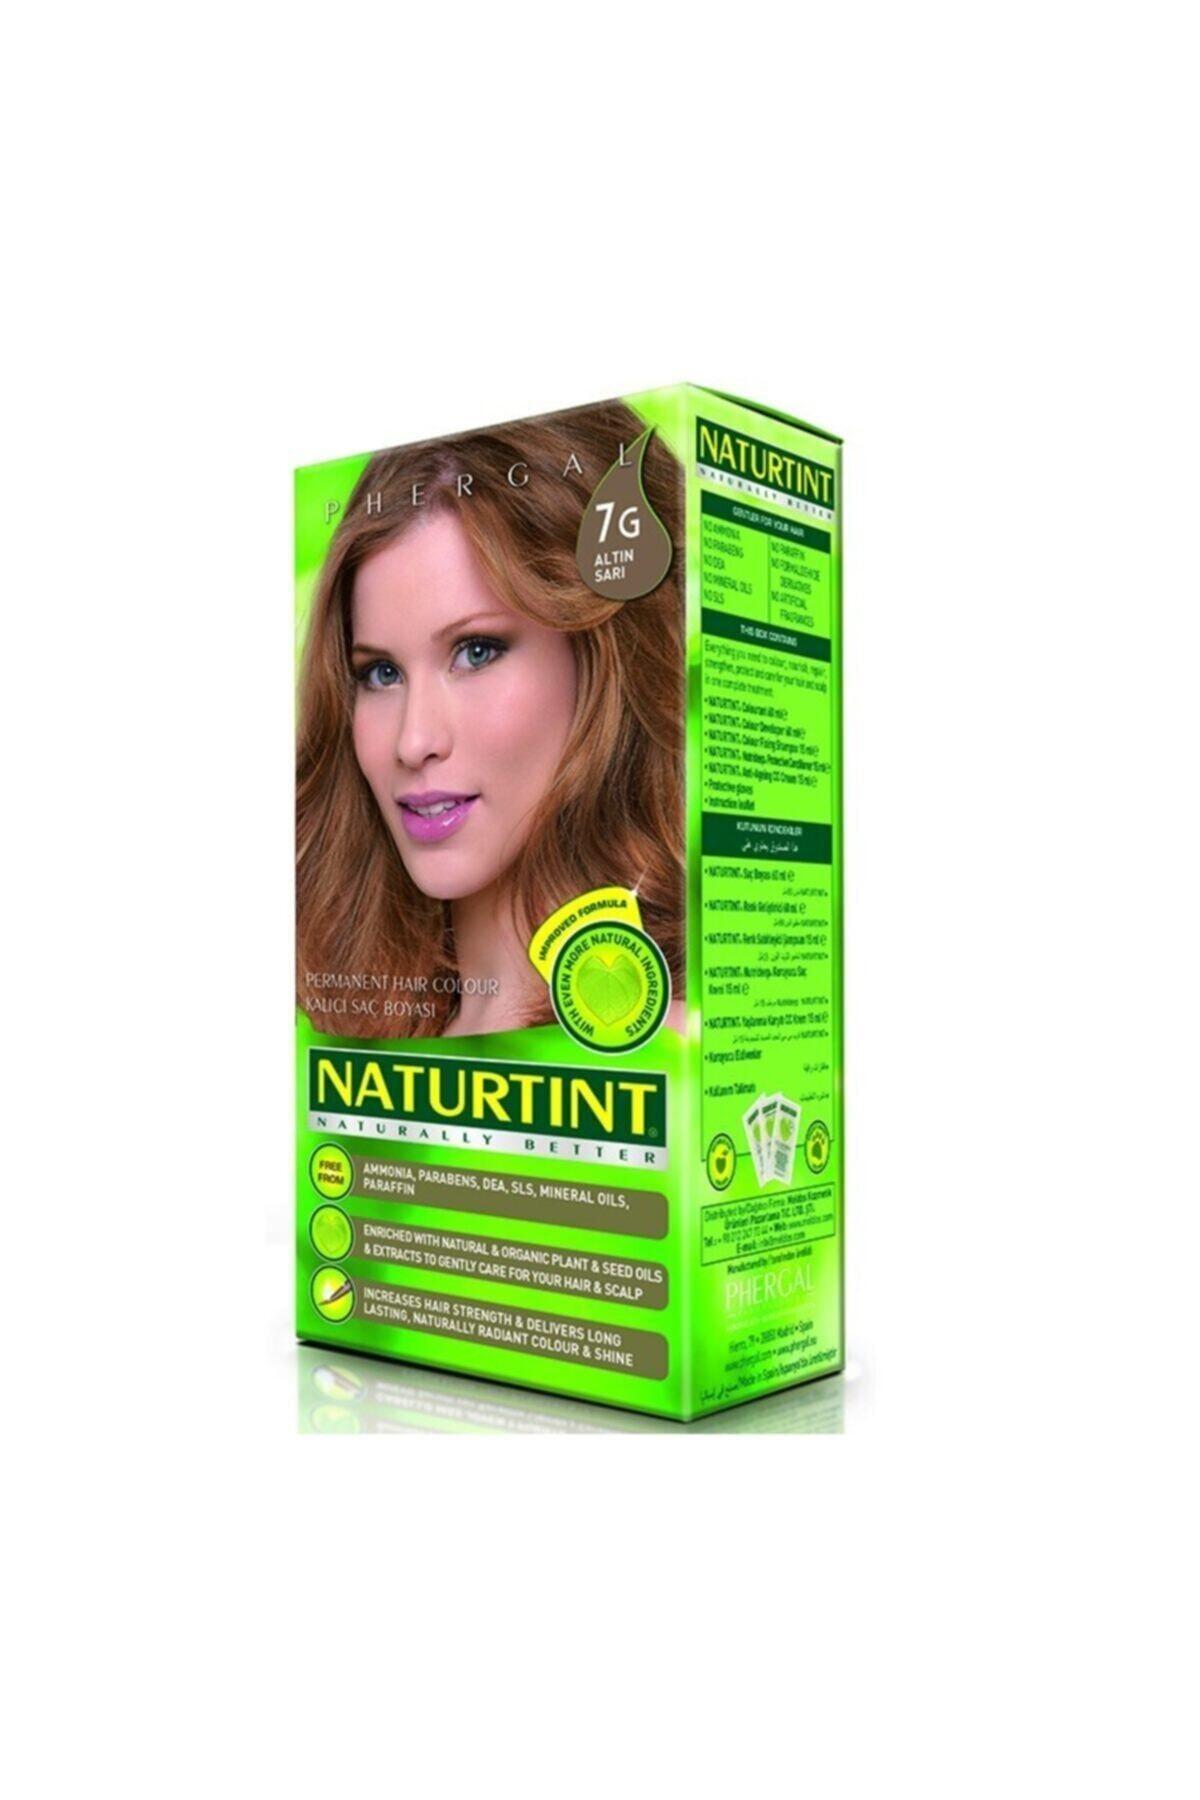 99 Naturtint Kalıcı Saç Boyası 7g Altın Sarı 165 ml 1